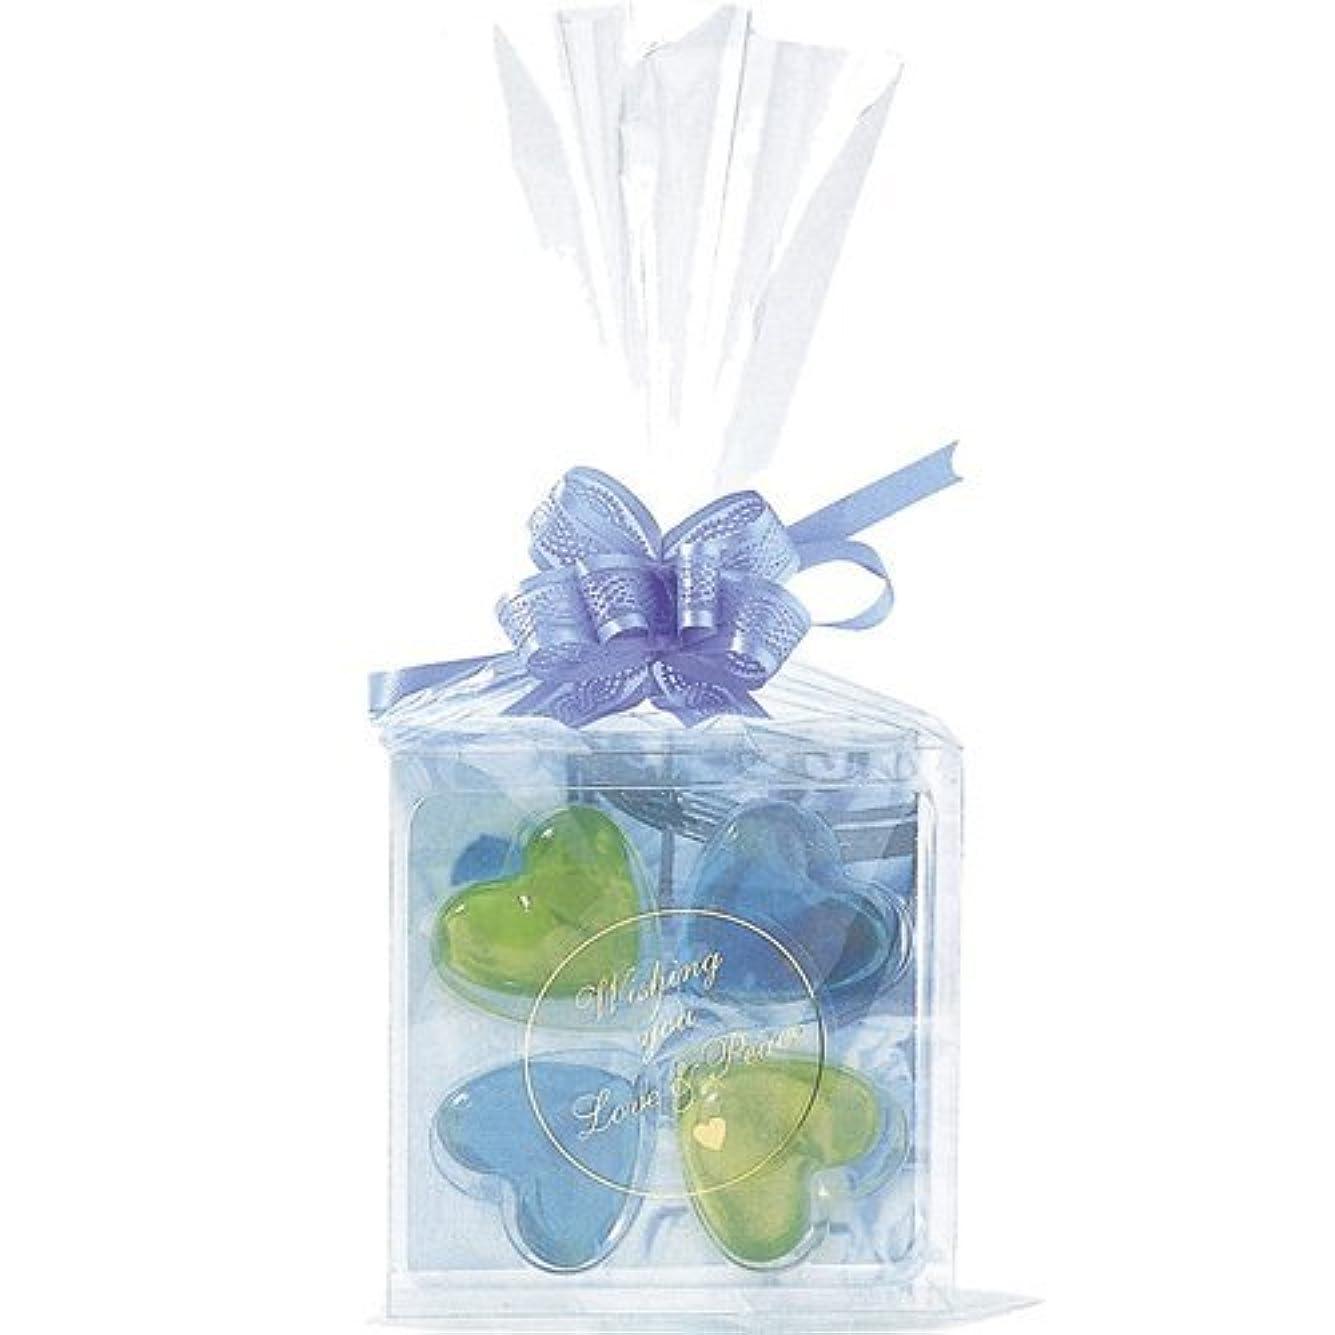 オリエント免疫ペアジーピークリエイツ フォーチューンクローバー ブルー 入浴料セット(グリーンアップル、ベリー)